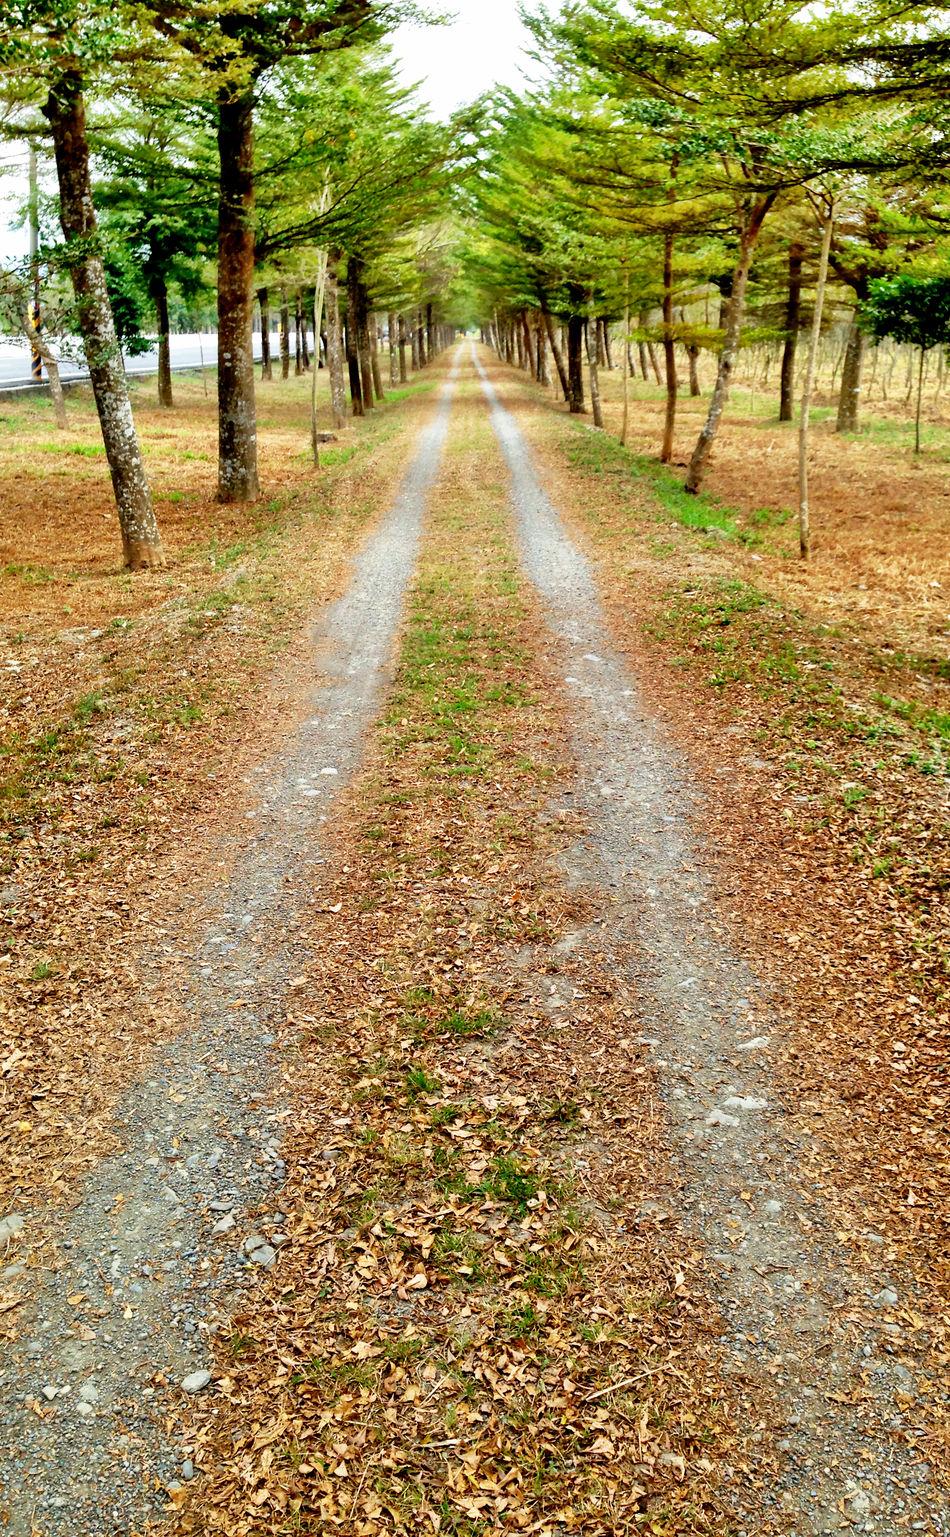 望斷天涯路! Trees Forest Trail